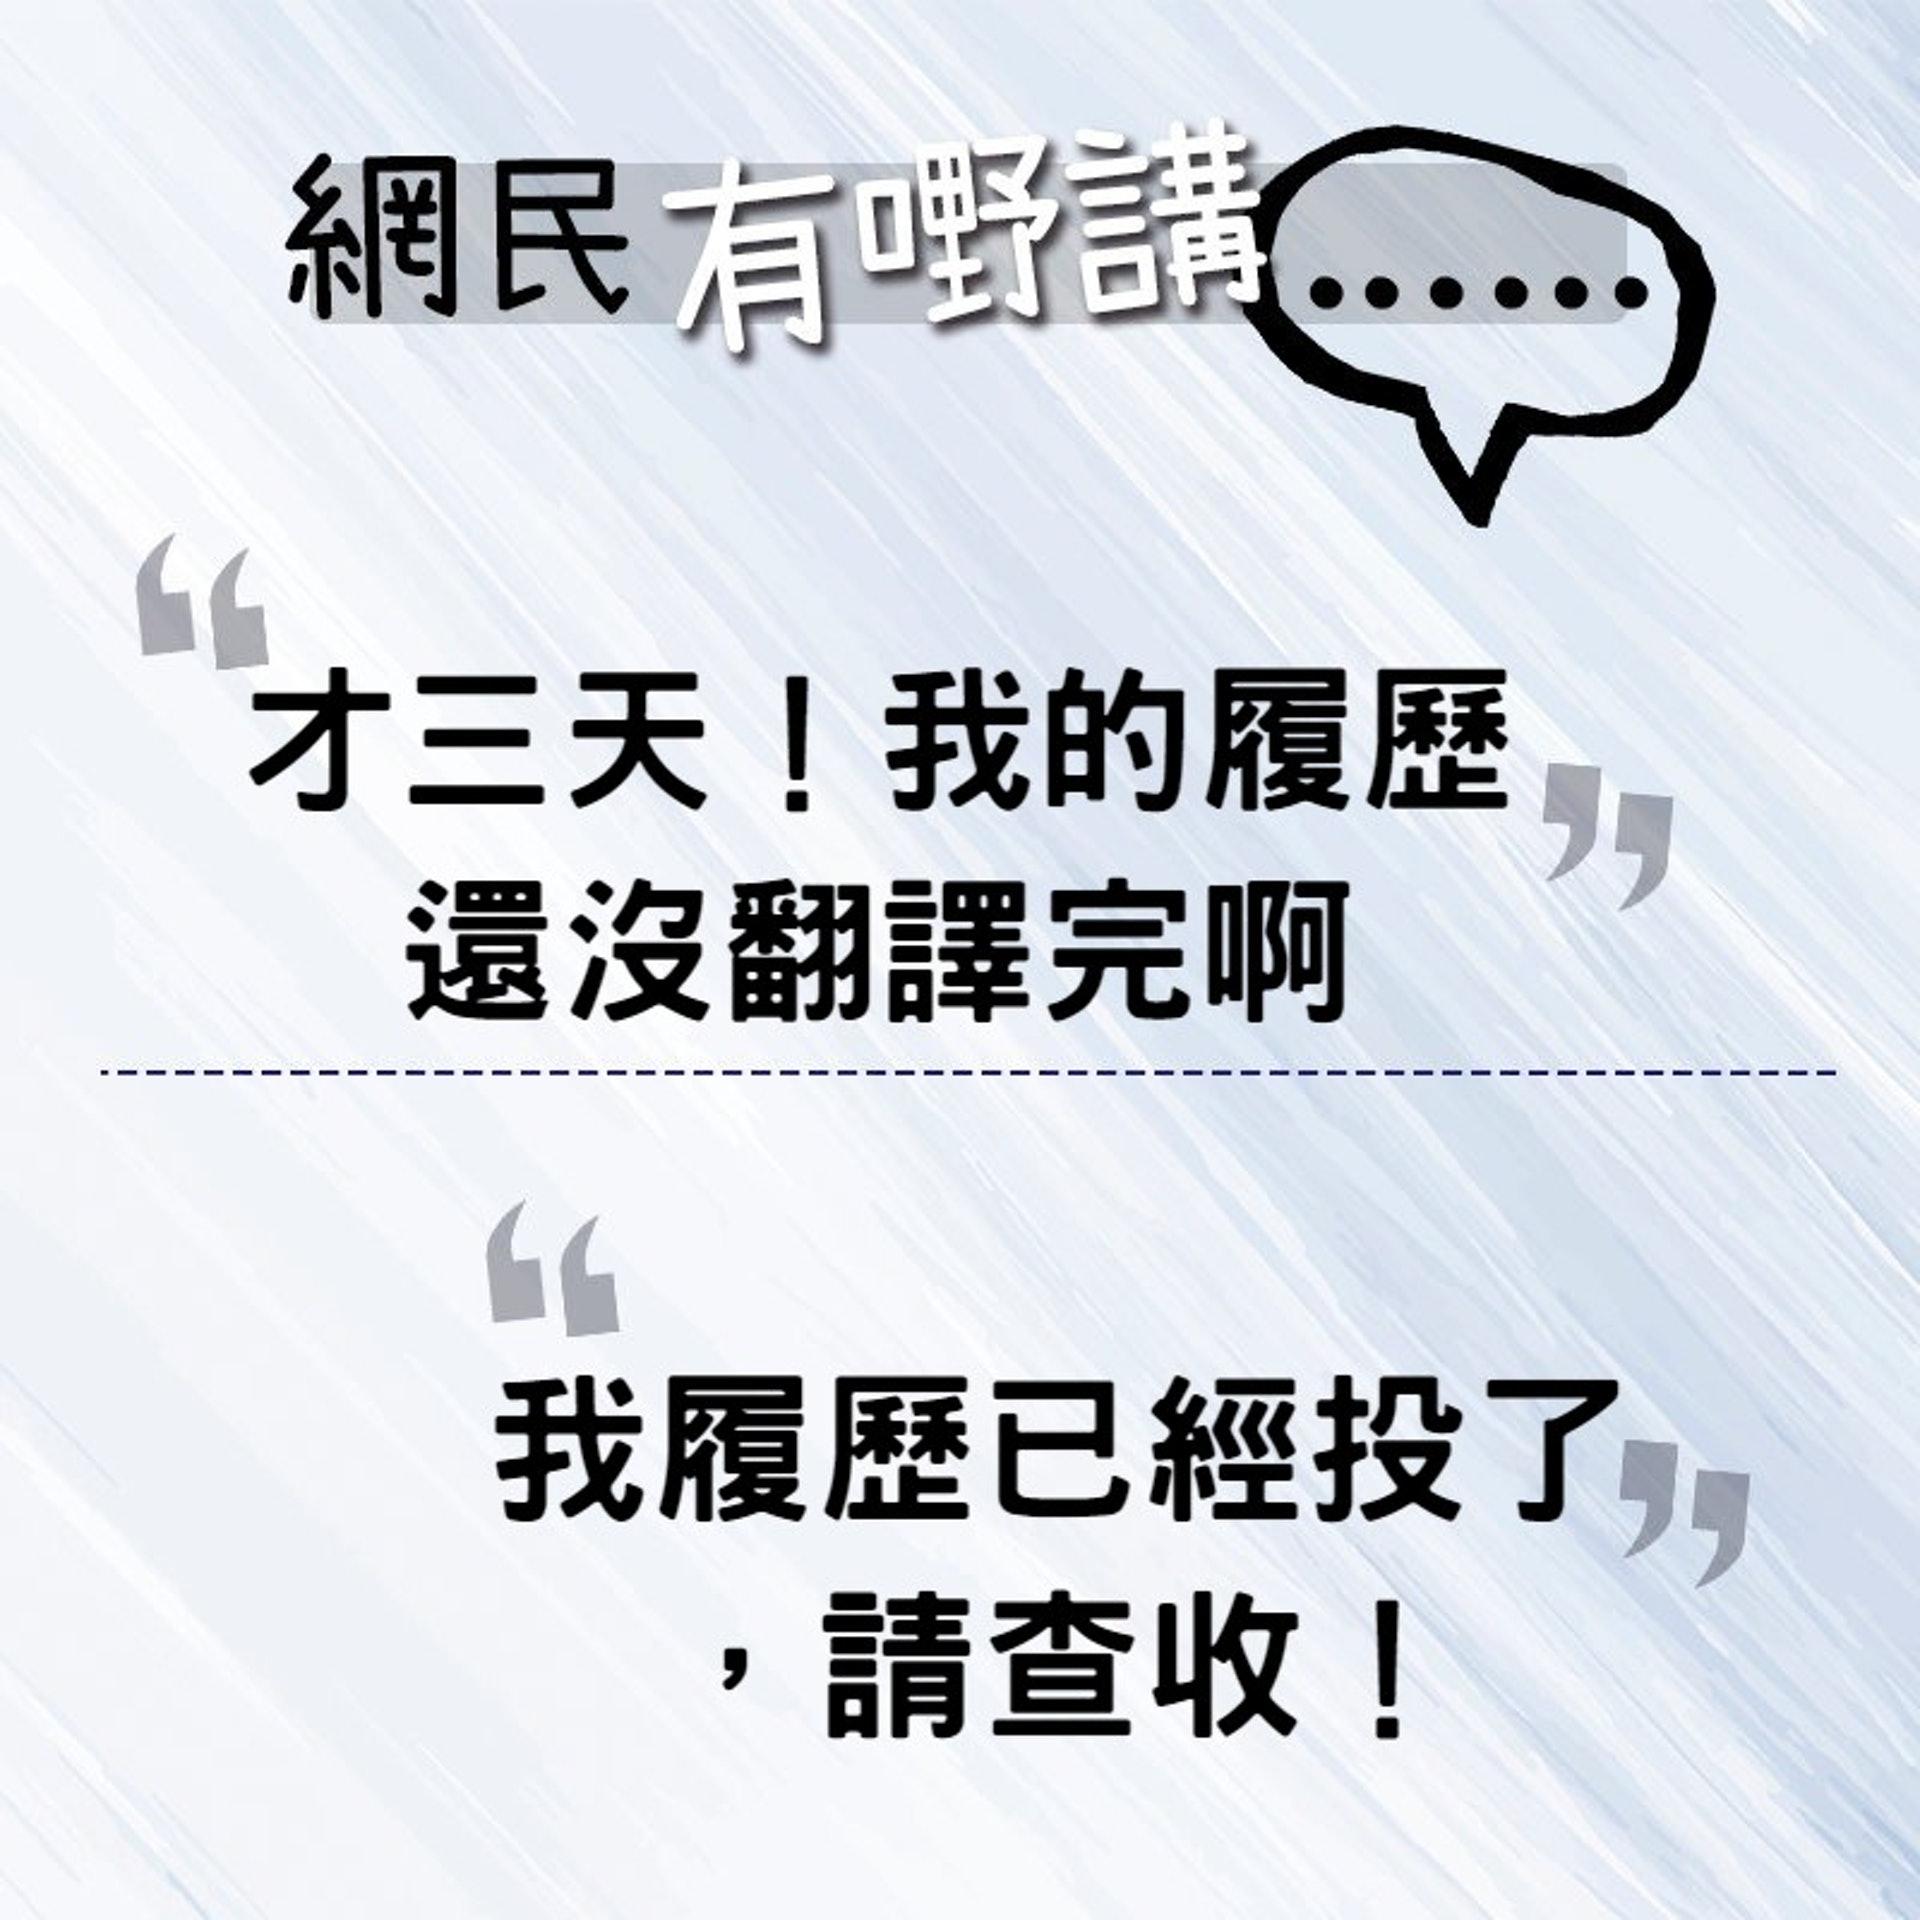 「才三天!我的履歷還沒翻譯完啊」,「我履歷已經投了,請查收!」(香港01製圖)